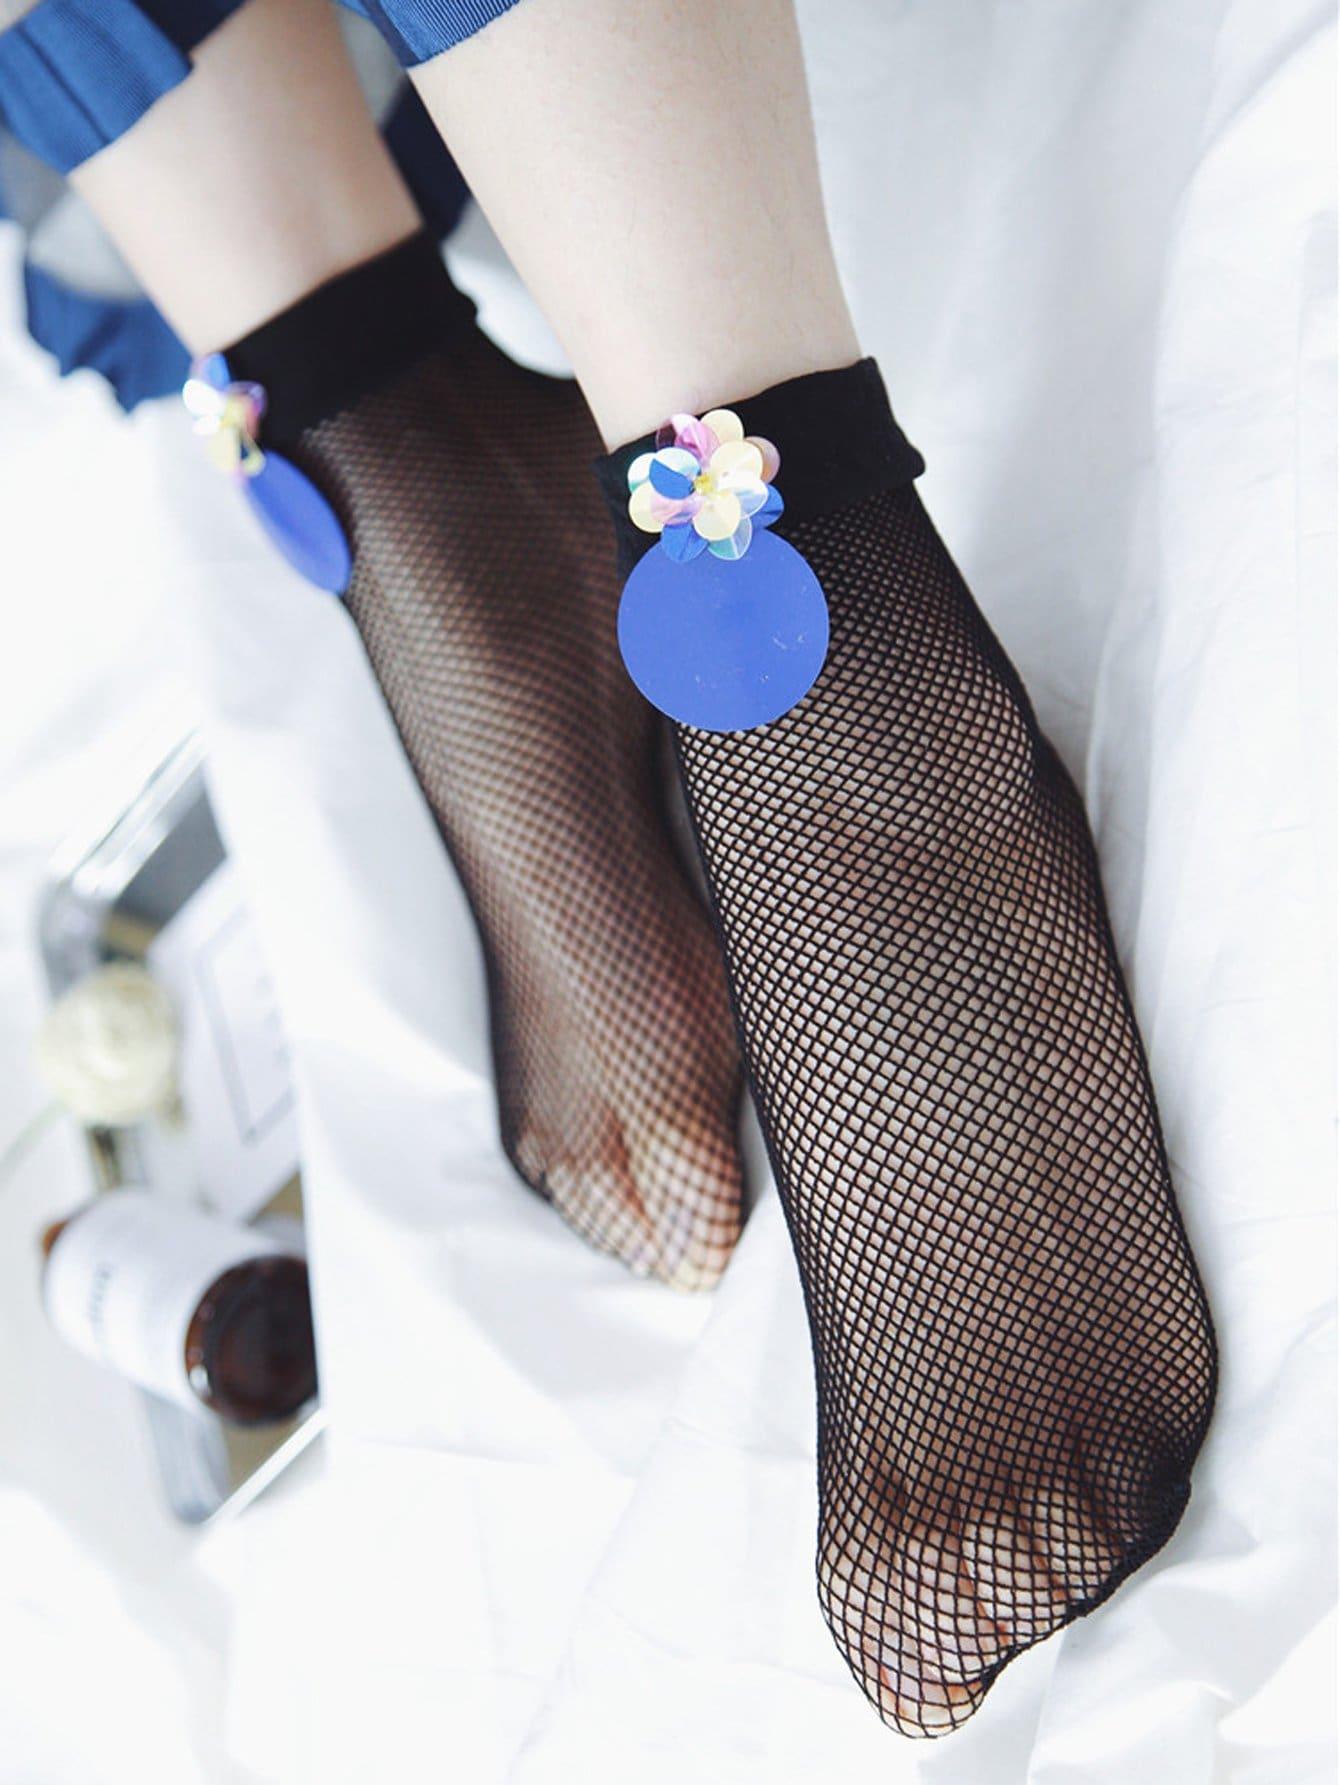 Netz Socken mit Pailletten Detail 1Paar